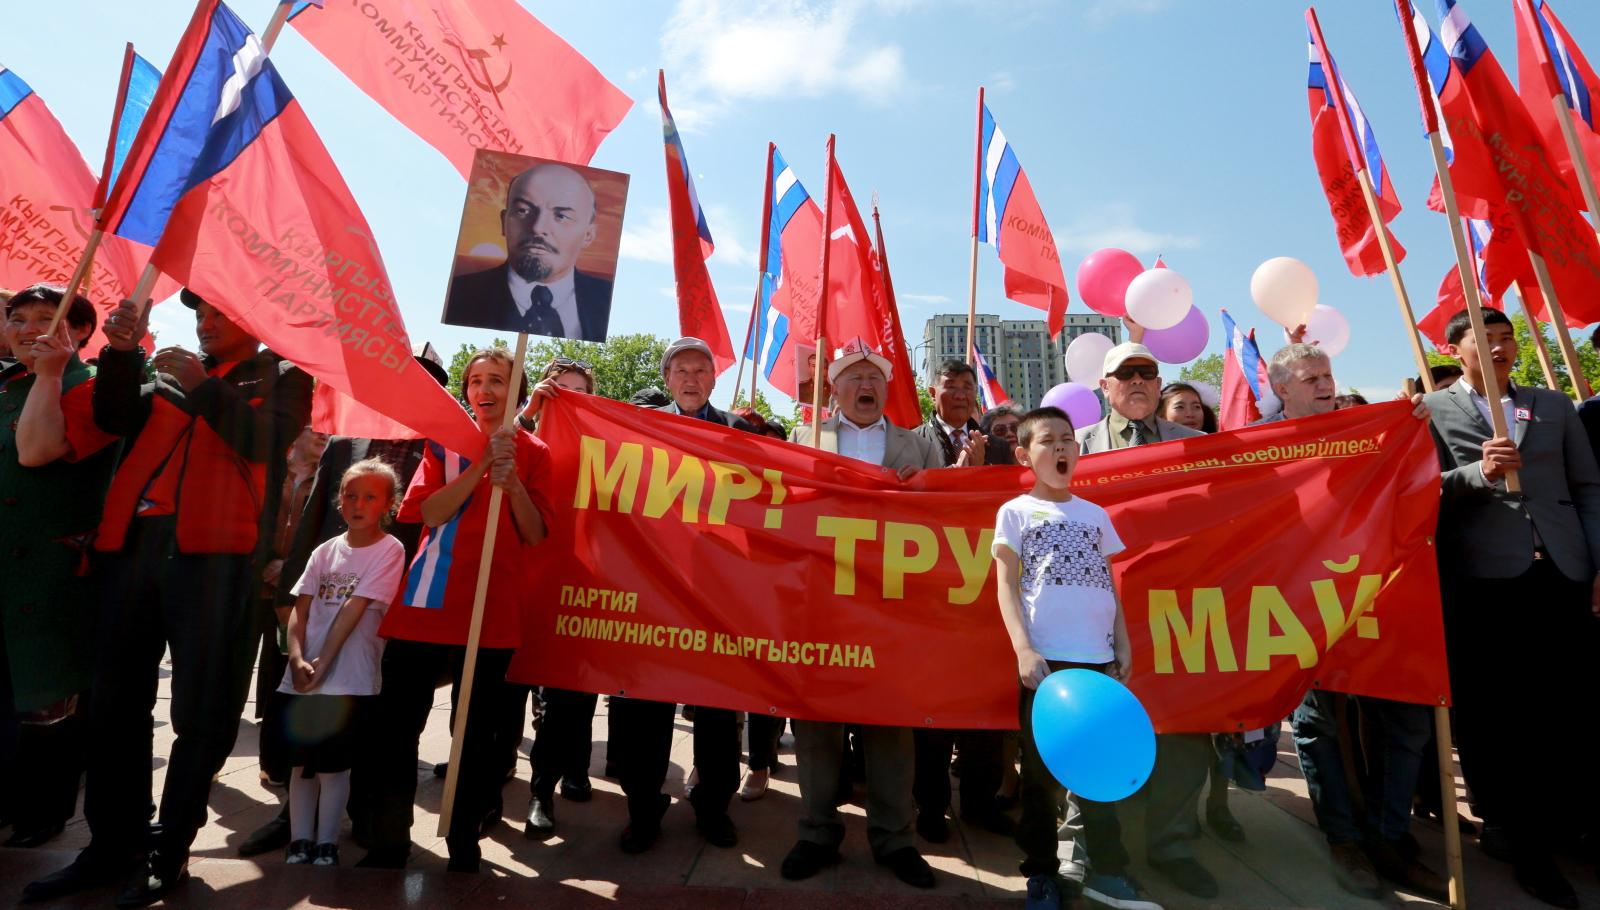 Święto Pracy w Kirgistanie EPA/IGOR KOVALENKO